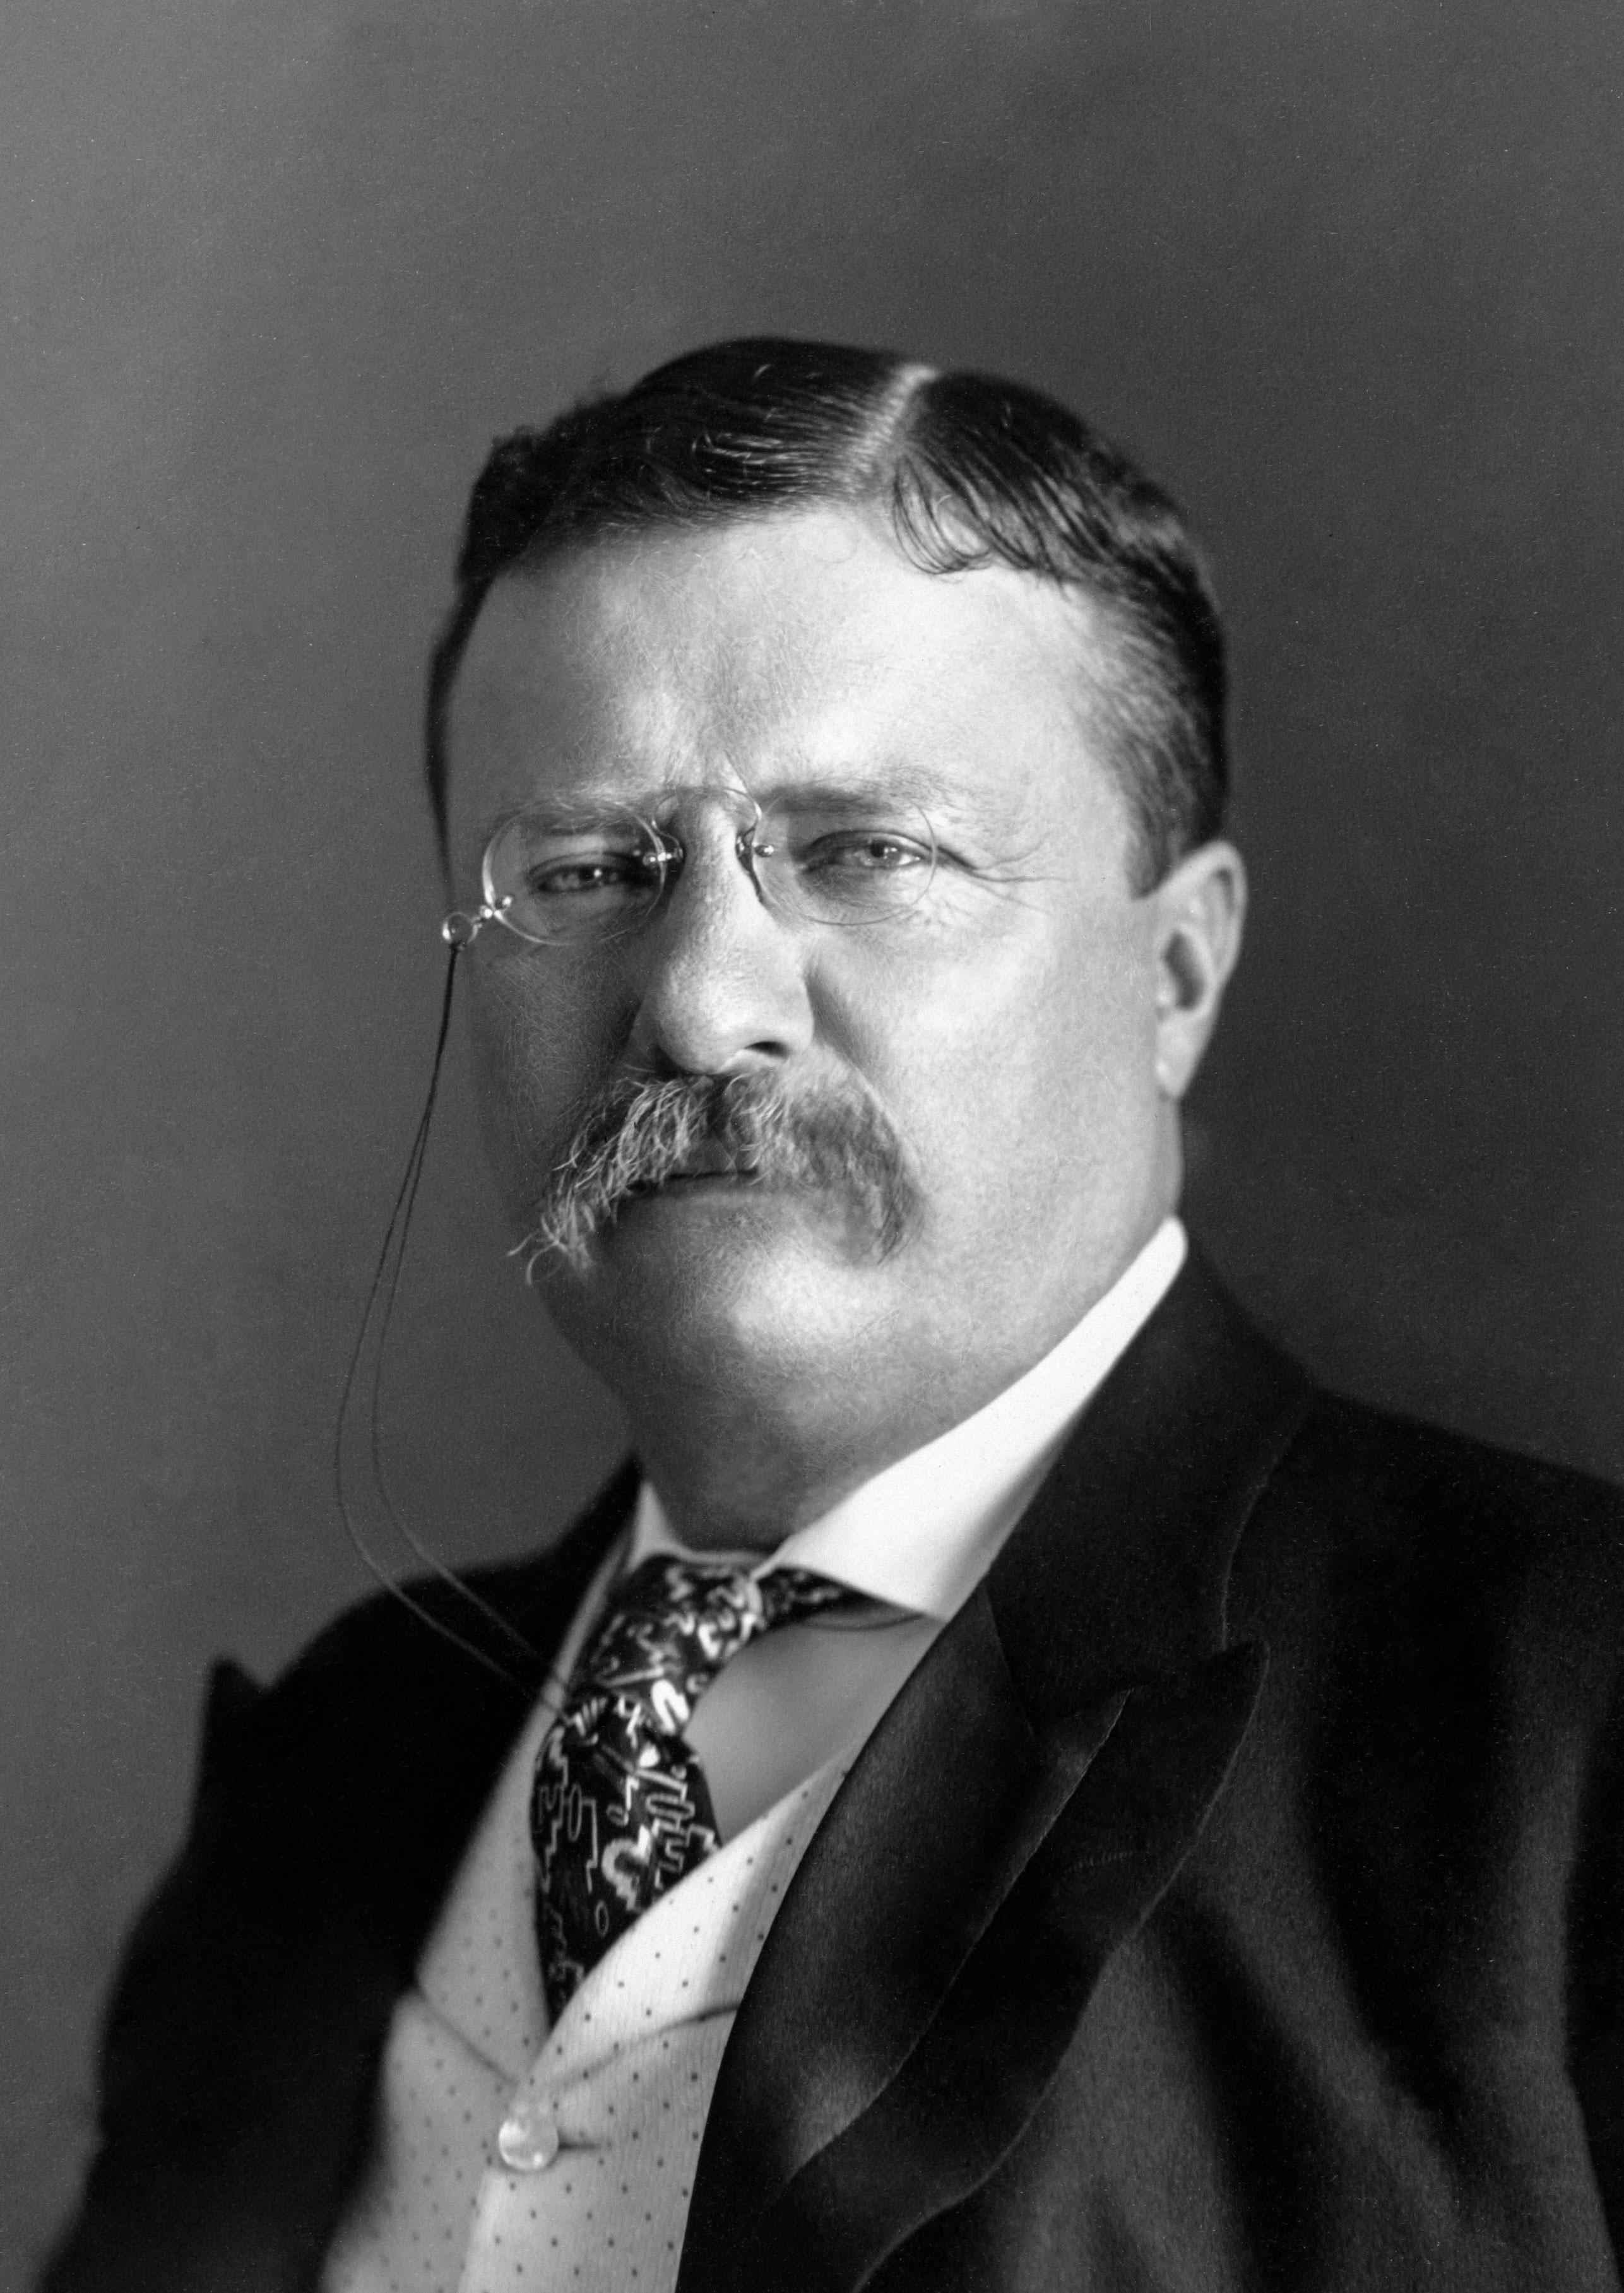 Veja o que saiu no Migalhas sobre Theodore Roosevelt